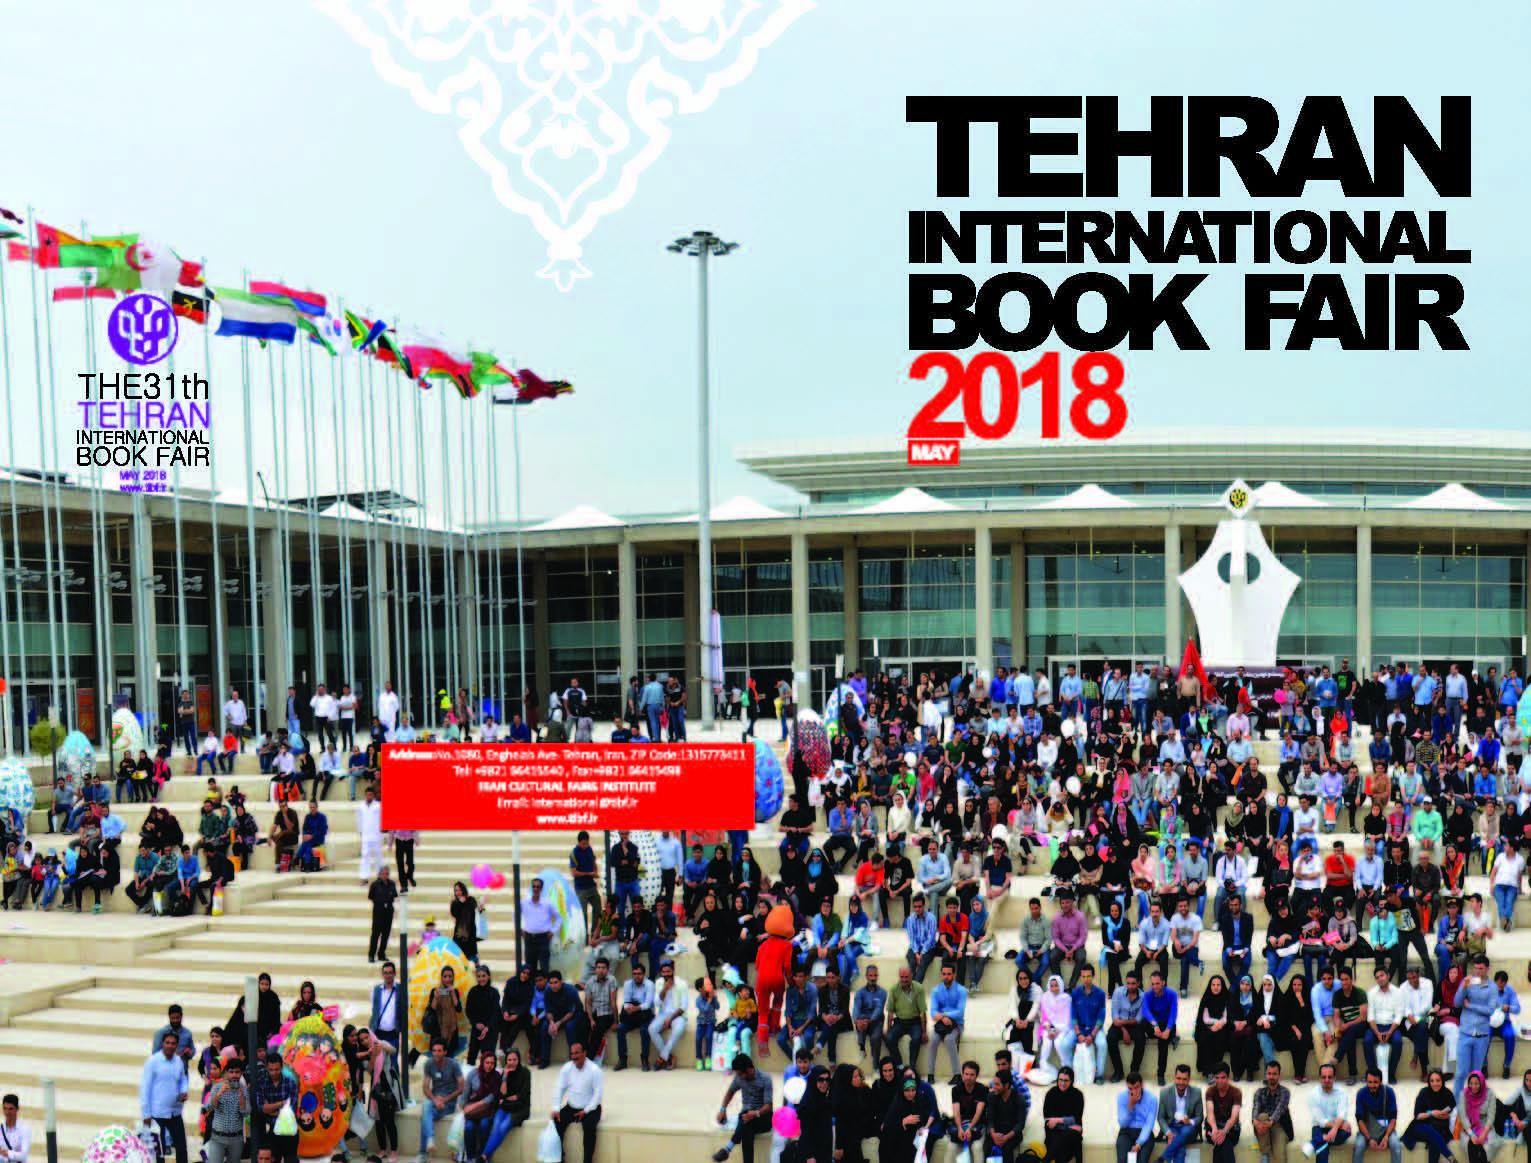 Serbia guest of honour 2018 at the Tehran International Book Fair